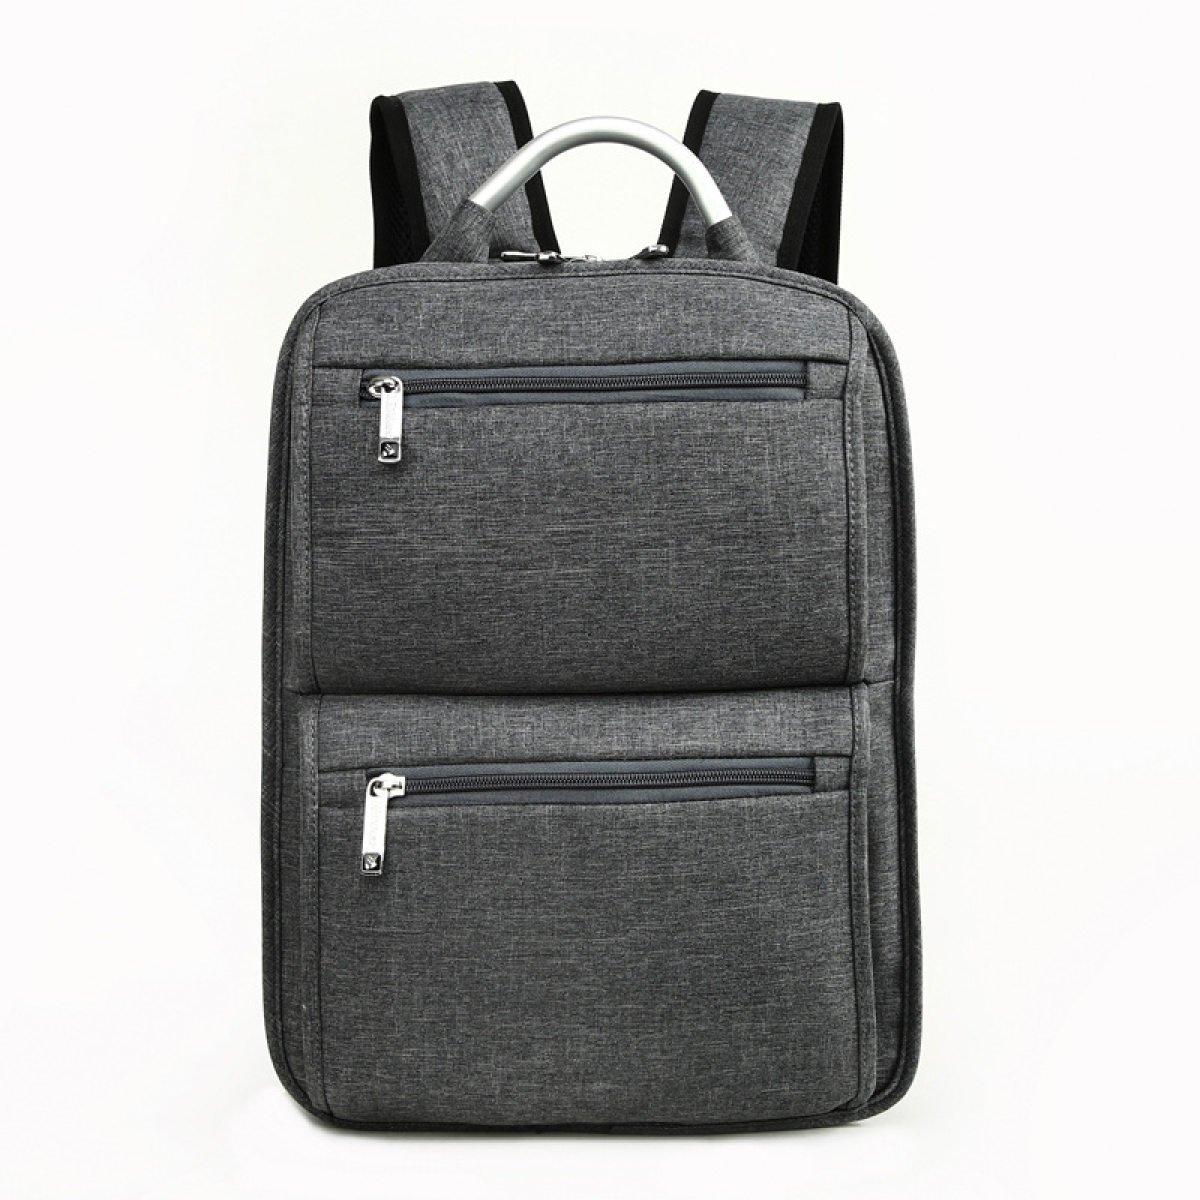 BULAGE Bag Mode Wirtschaft Männer Und Frauen Computer Schultern Schüler Studenten Mit Hohen Kapazität Taschen Natur Reisen